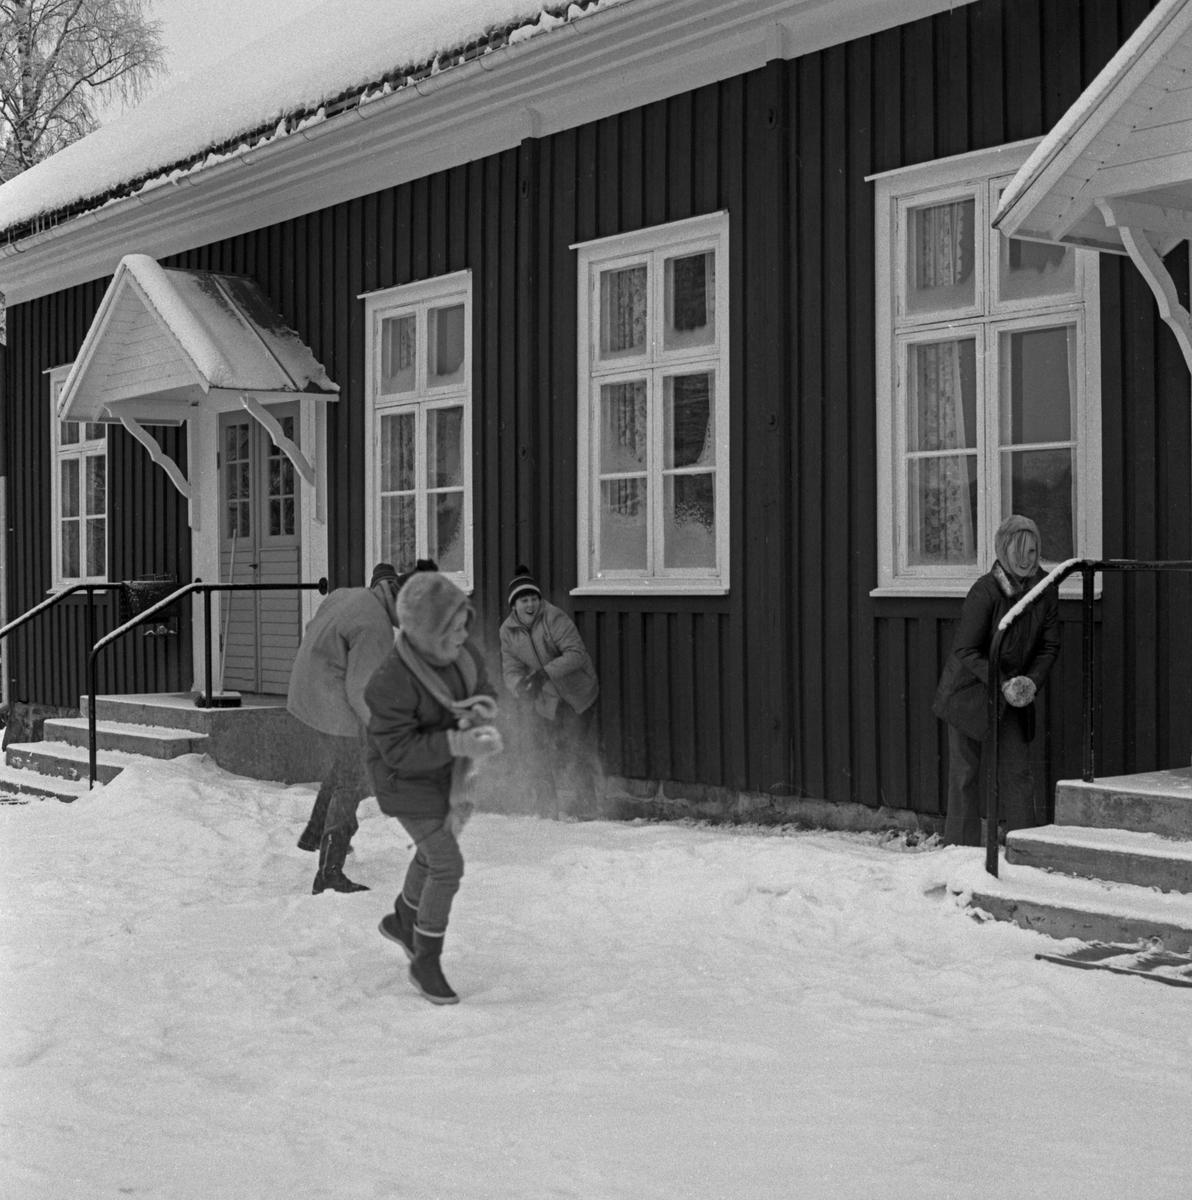 Bildserie tagen vintern 1969 i Brunskogstrakten i samband med ett tv-program kallat: Ser man på.